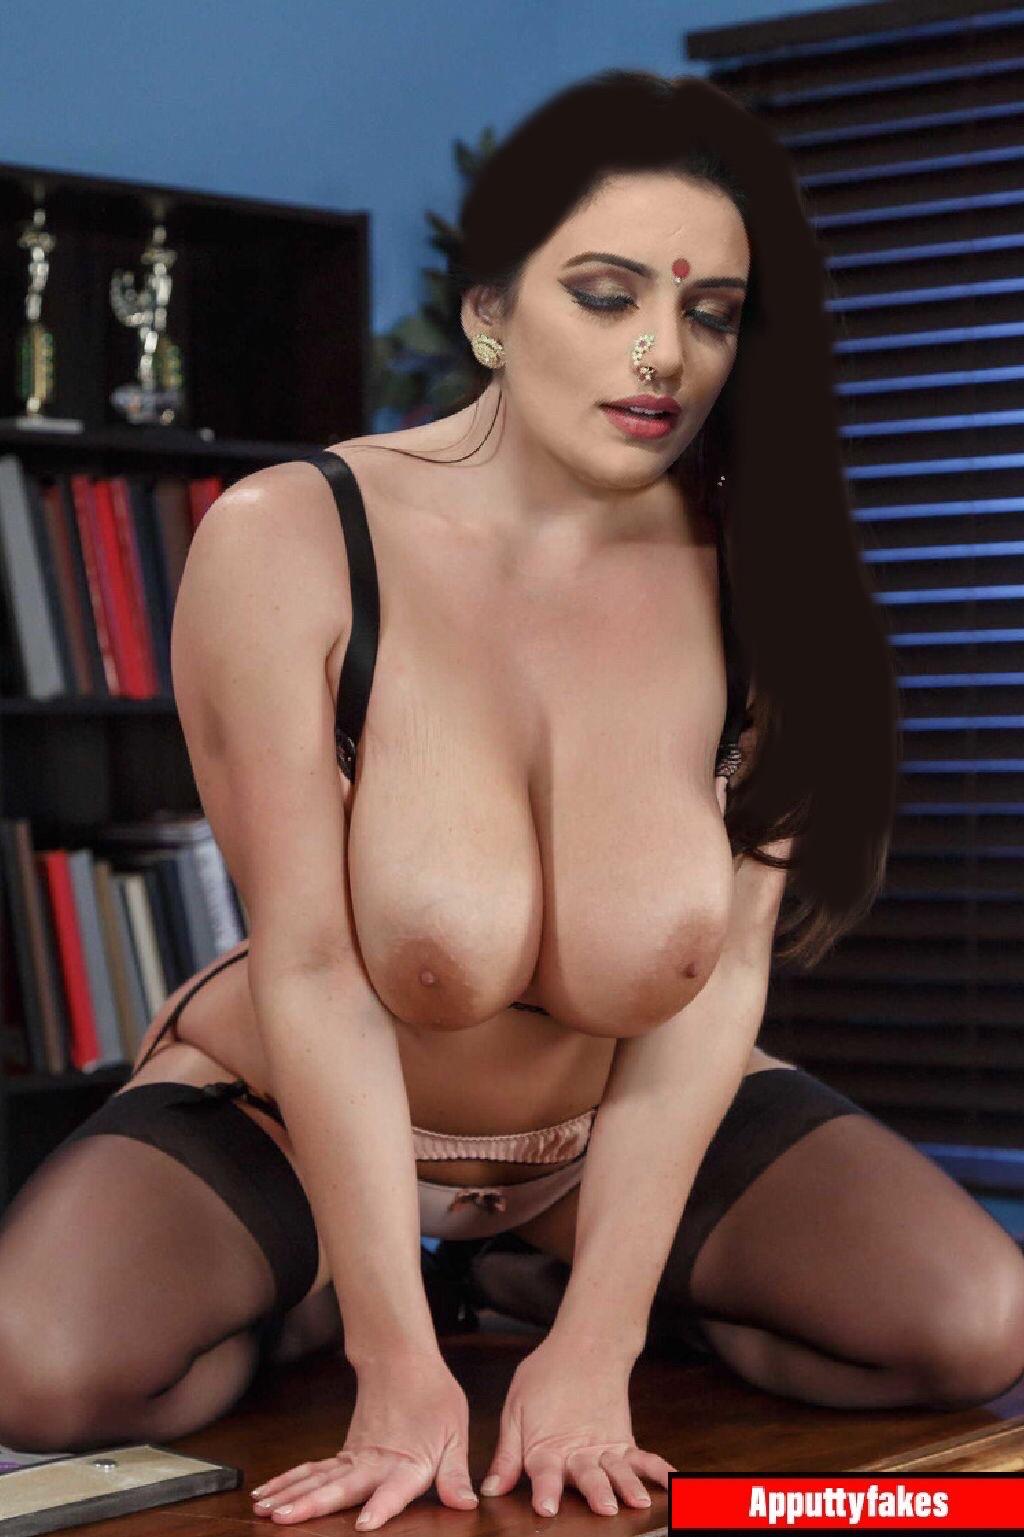 Shweta Menon nude boobs